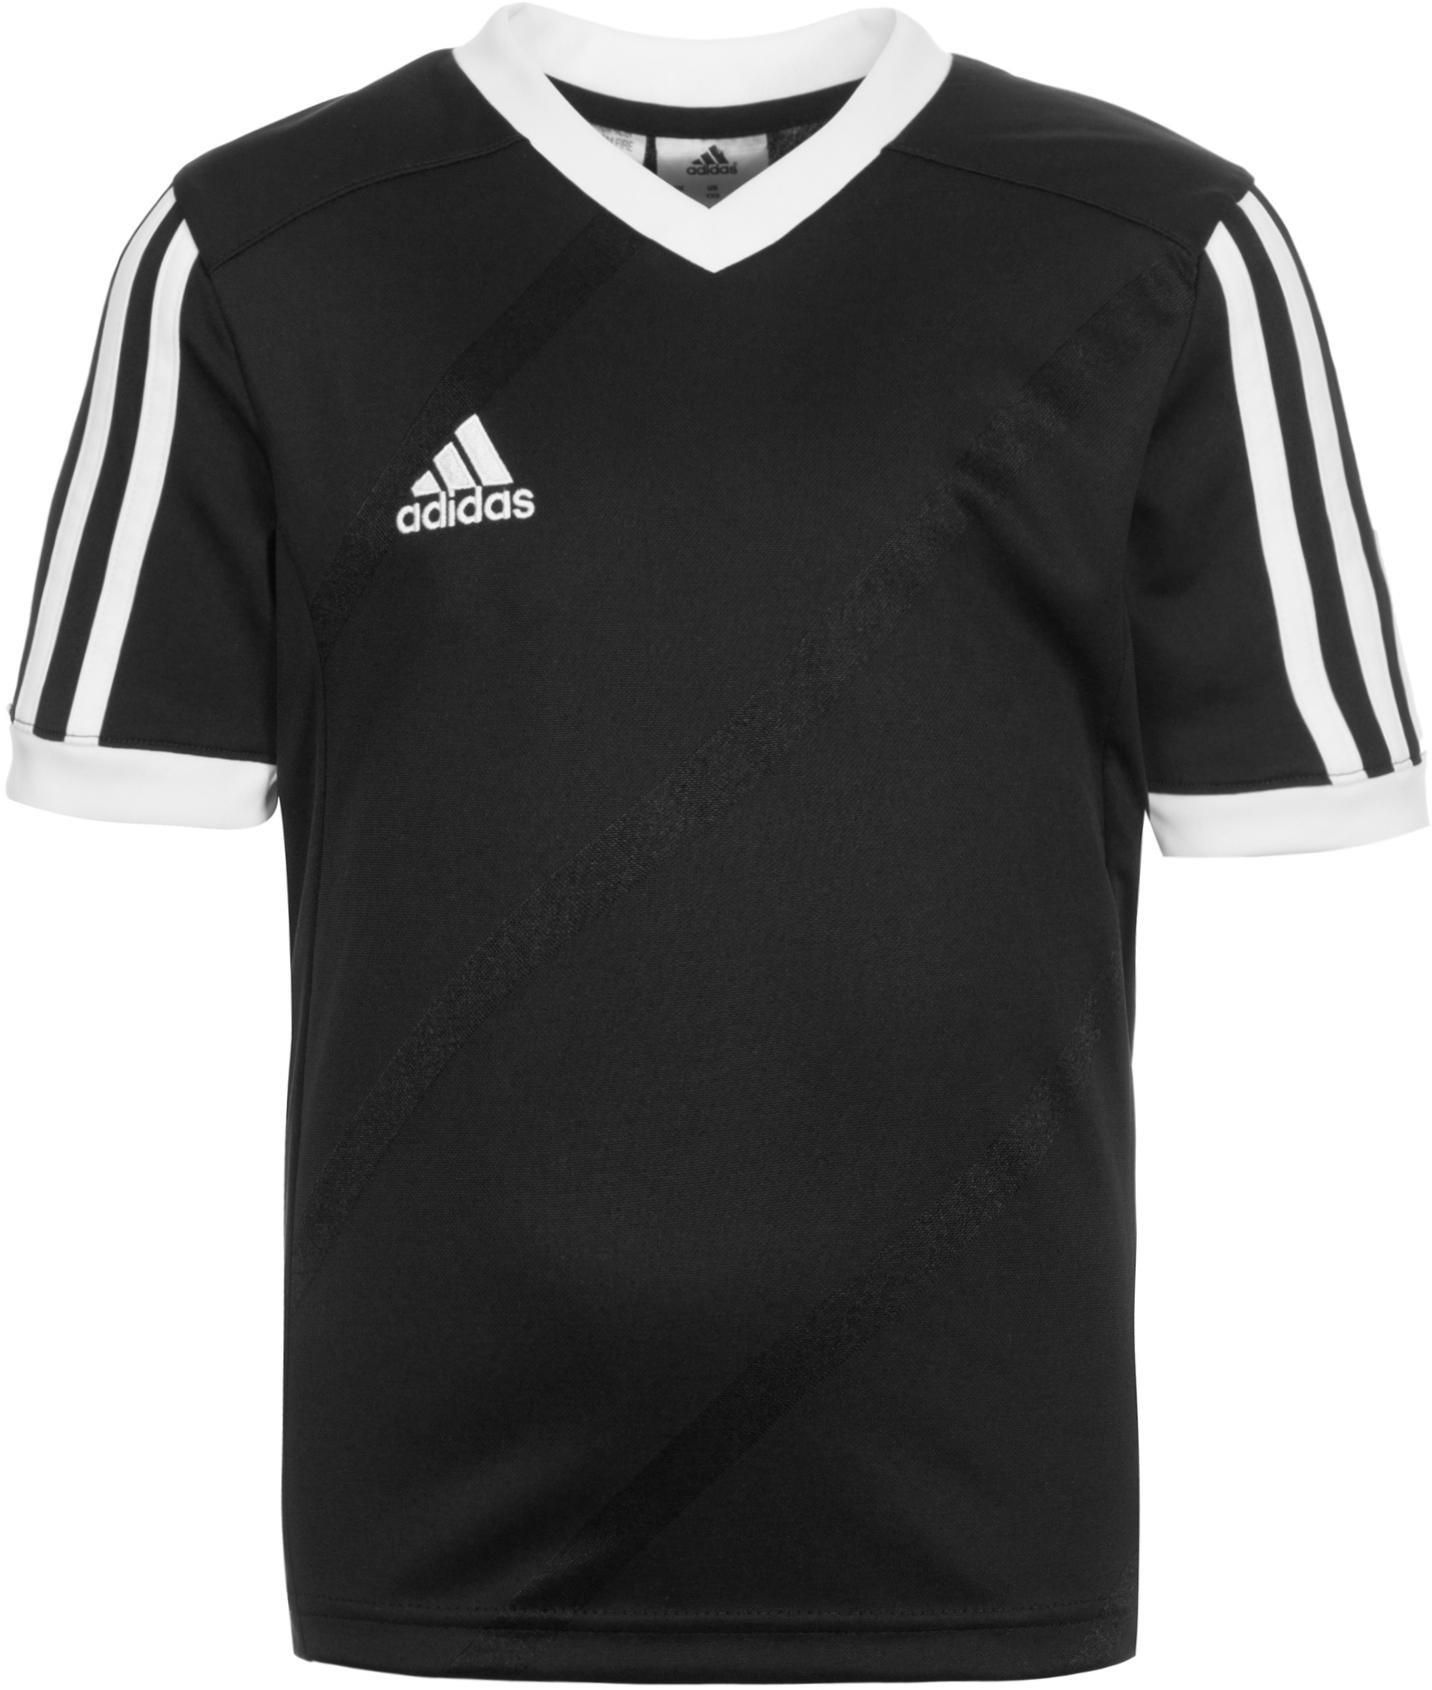 Adidas Tabela 14 Trikot blackwhite